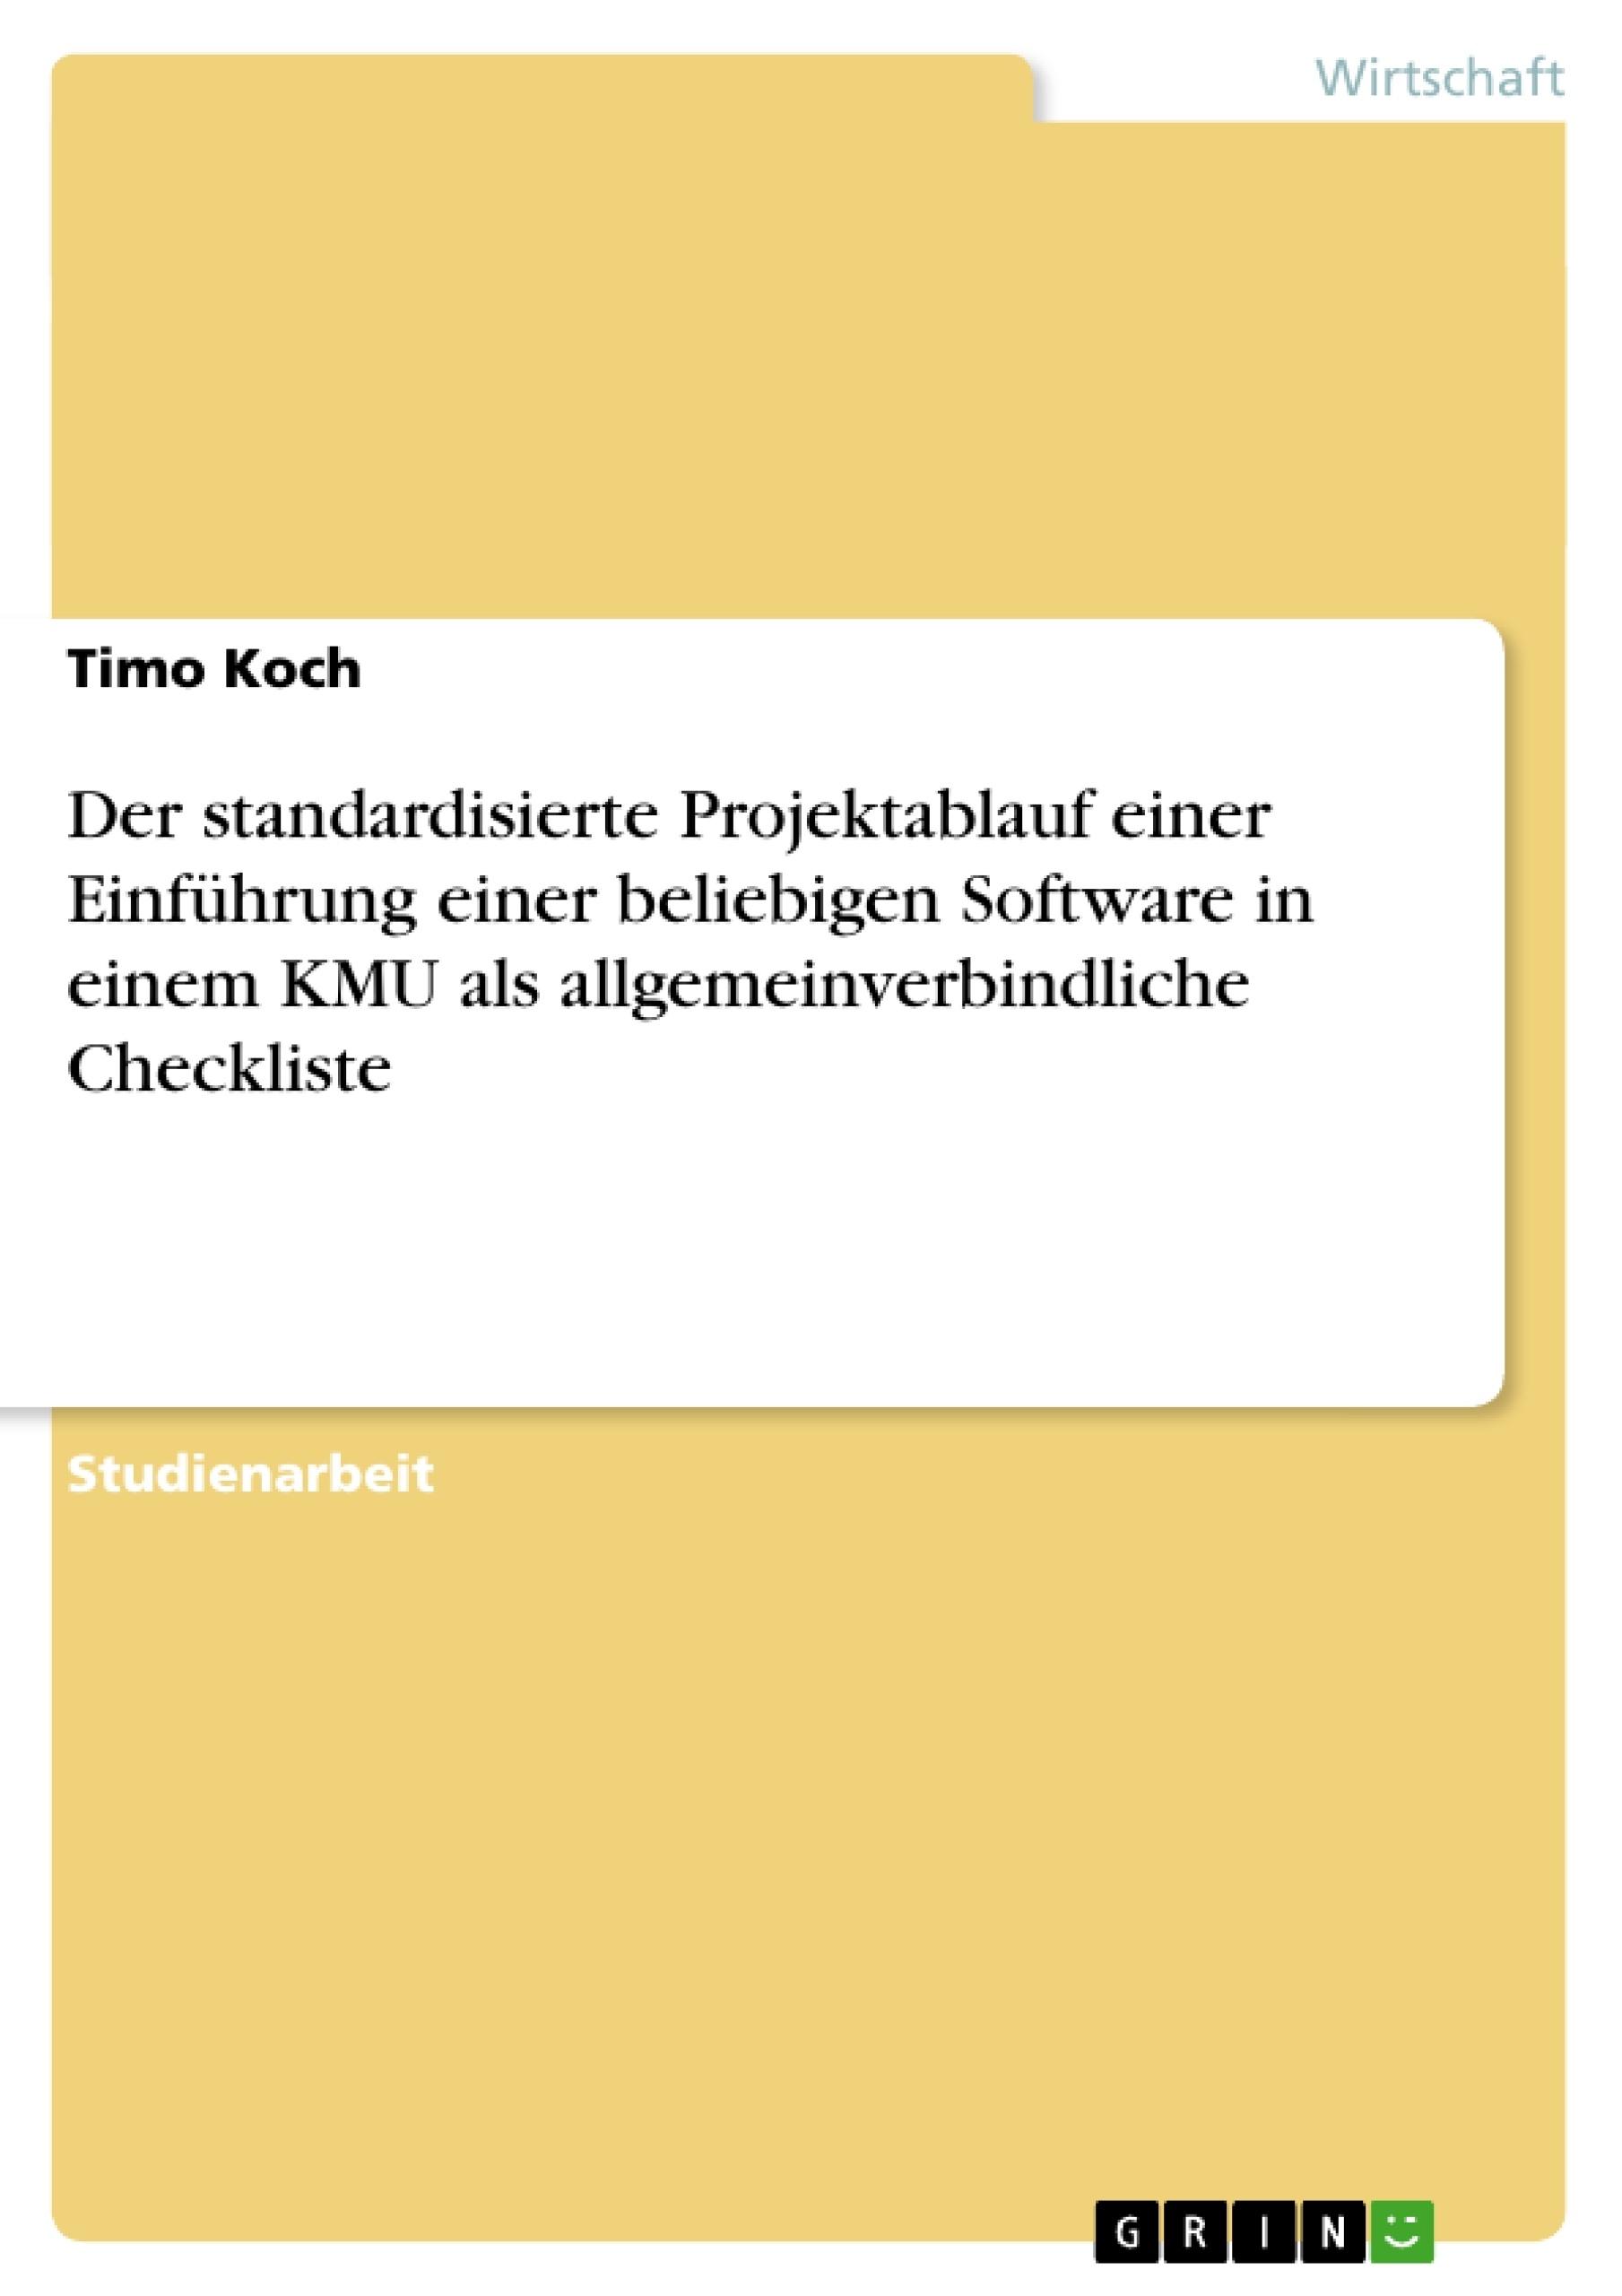 Titel: Der standardisierte Projektablauf einer Einführung einer beliebigen Software in einem KMU als allgemeinverbindliche Checkliste